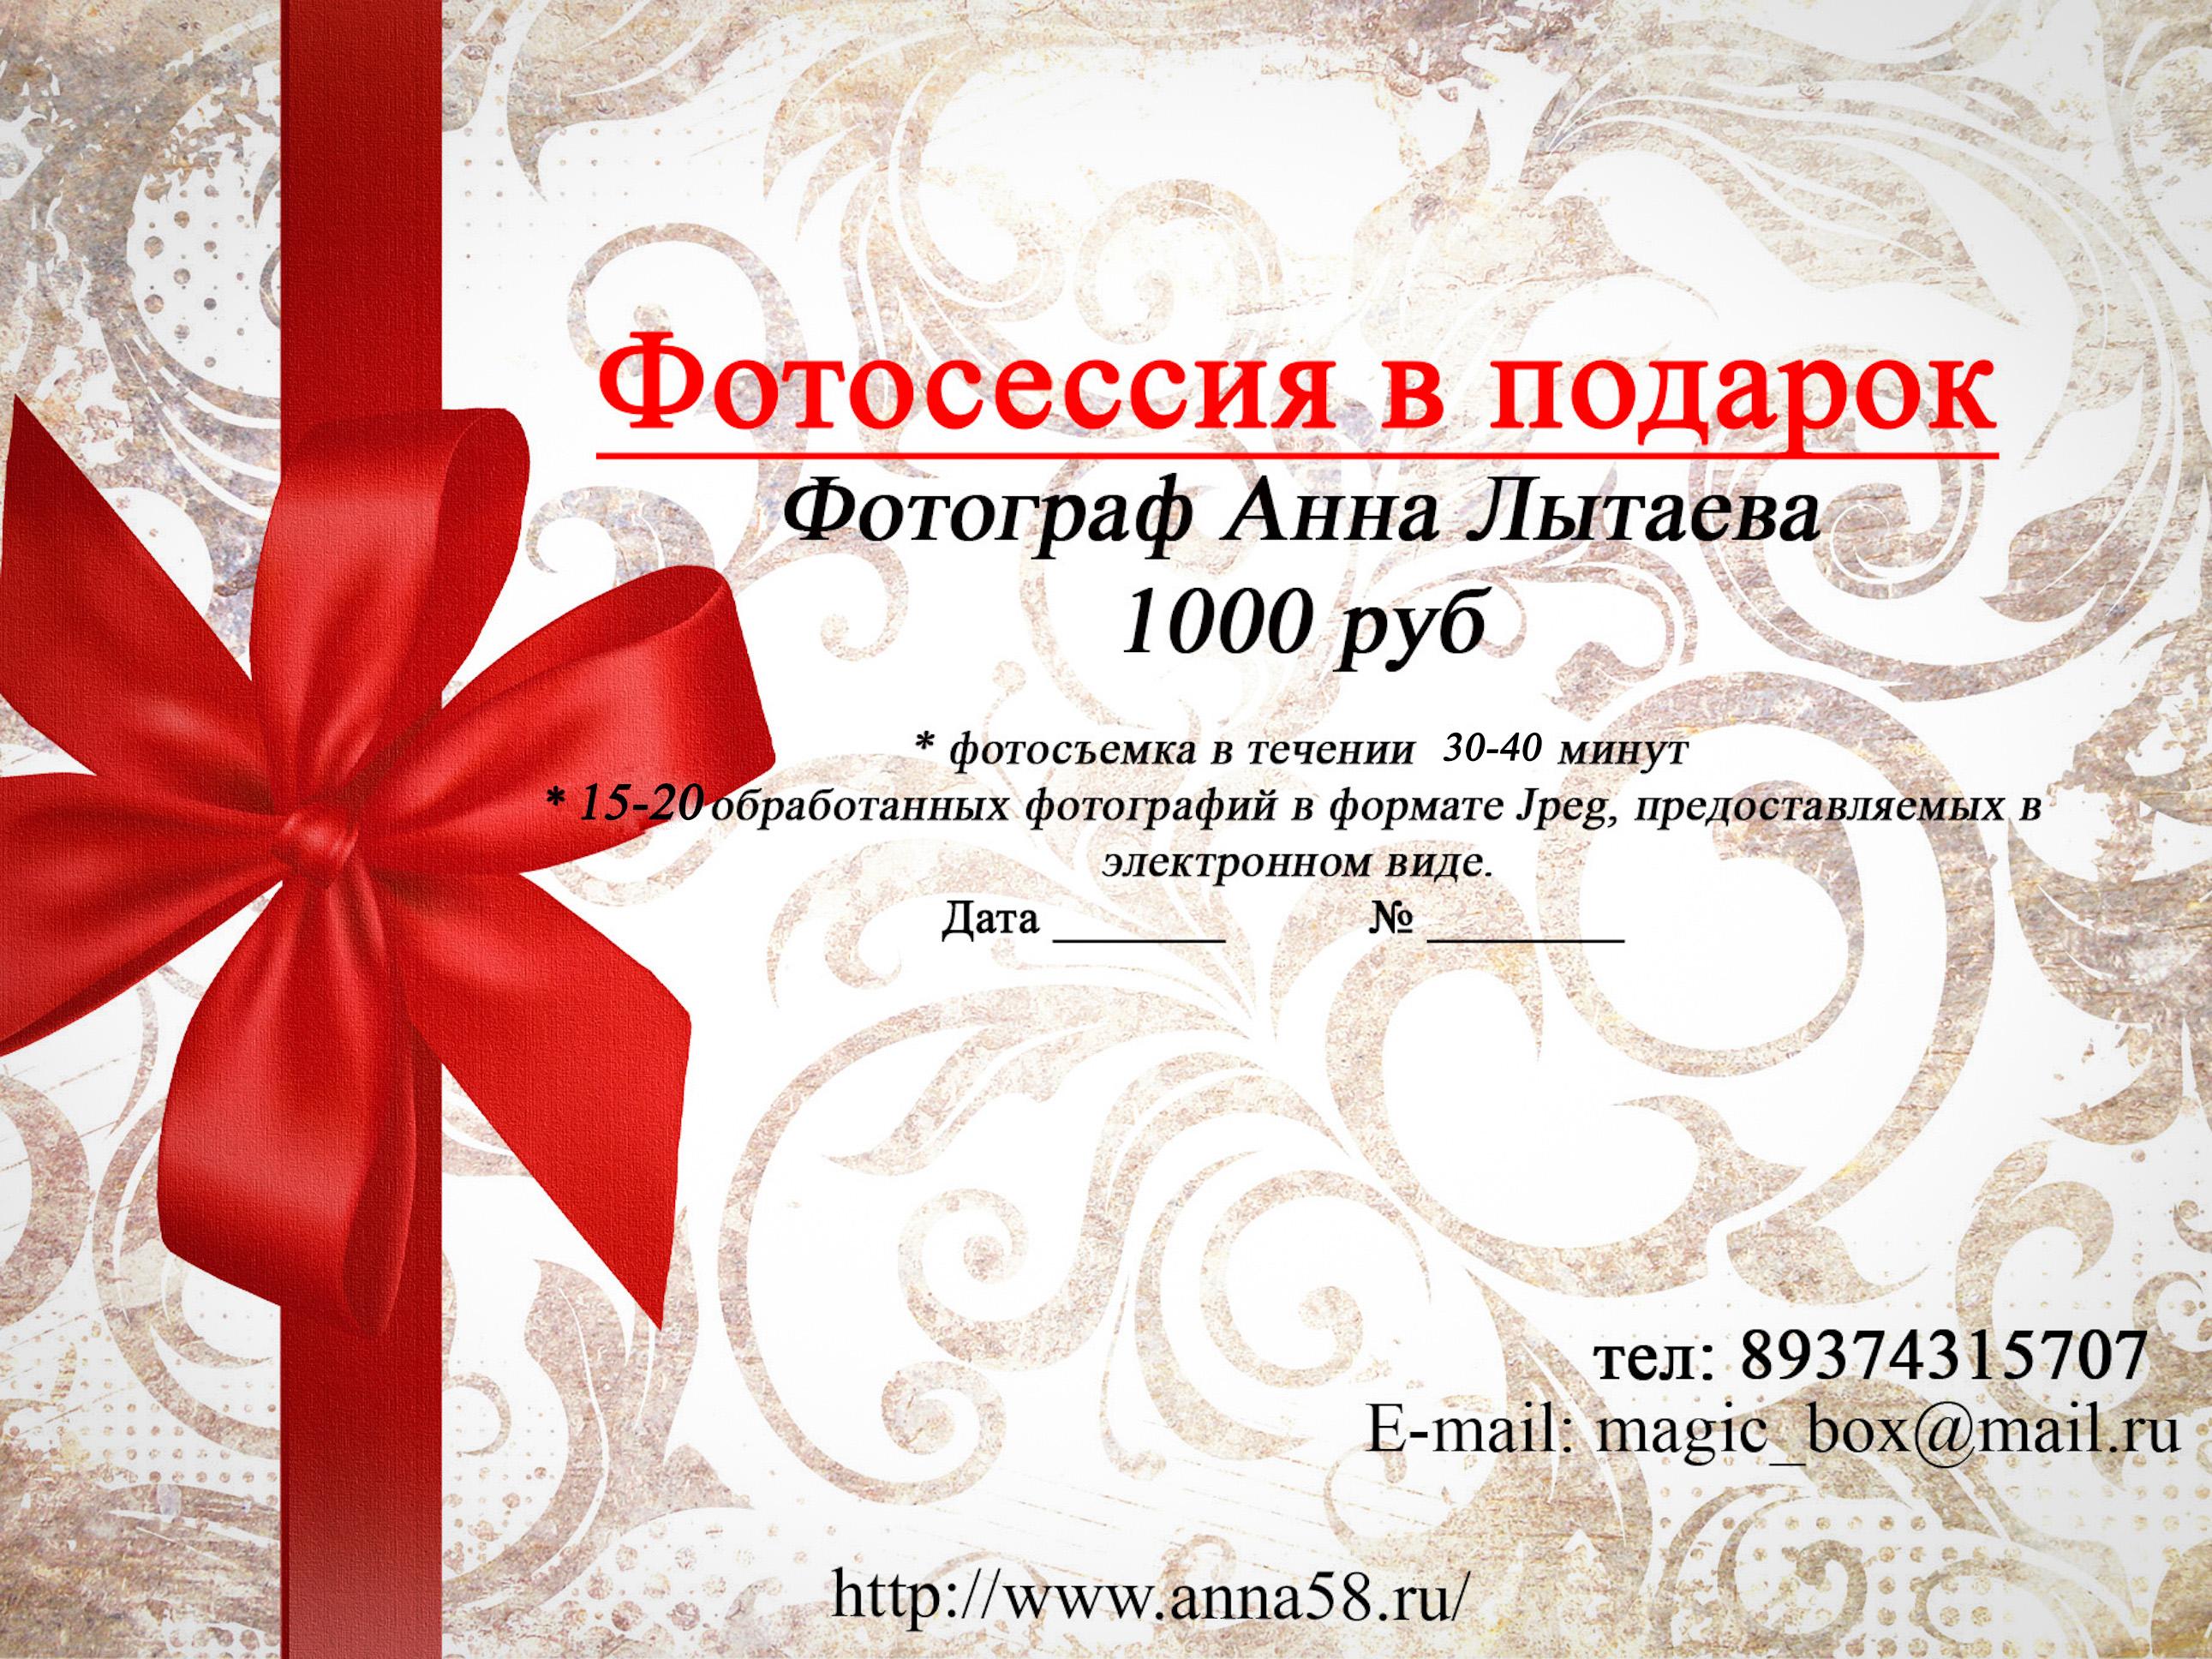 Как сделать подарочный сертификат для фотосессии